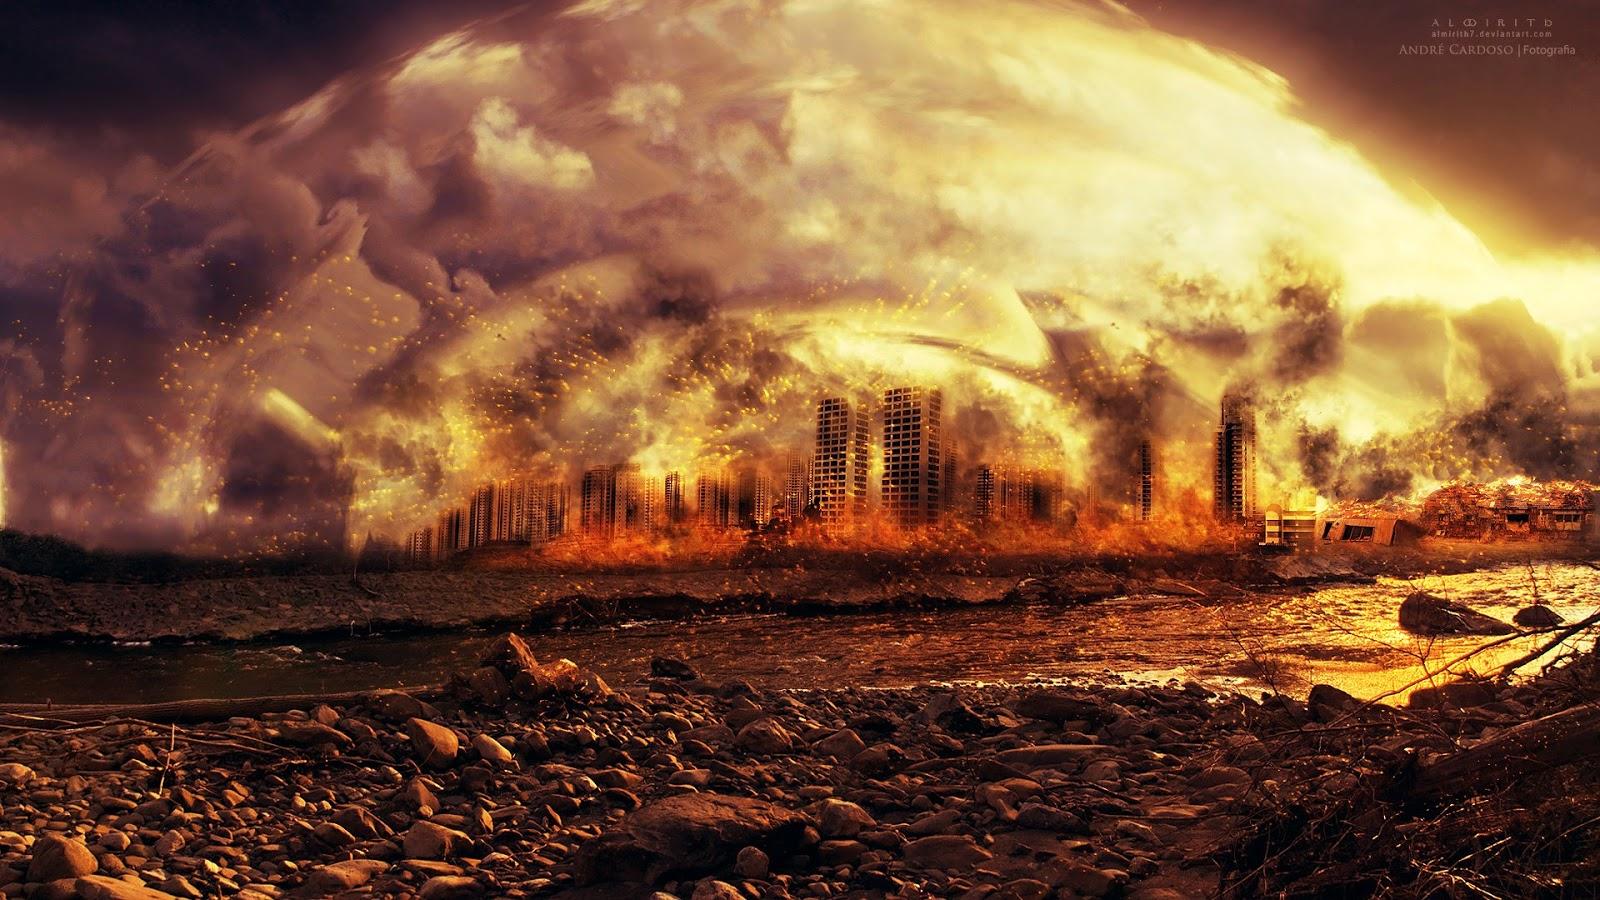 Cena ilustrativa do fim do mundo